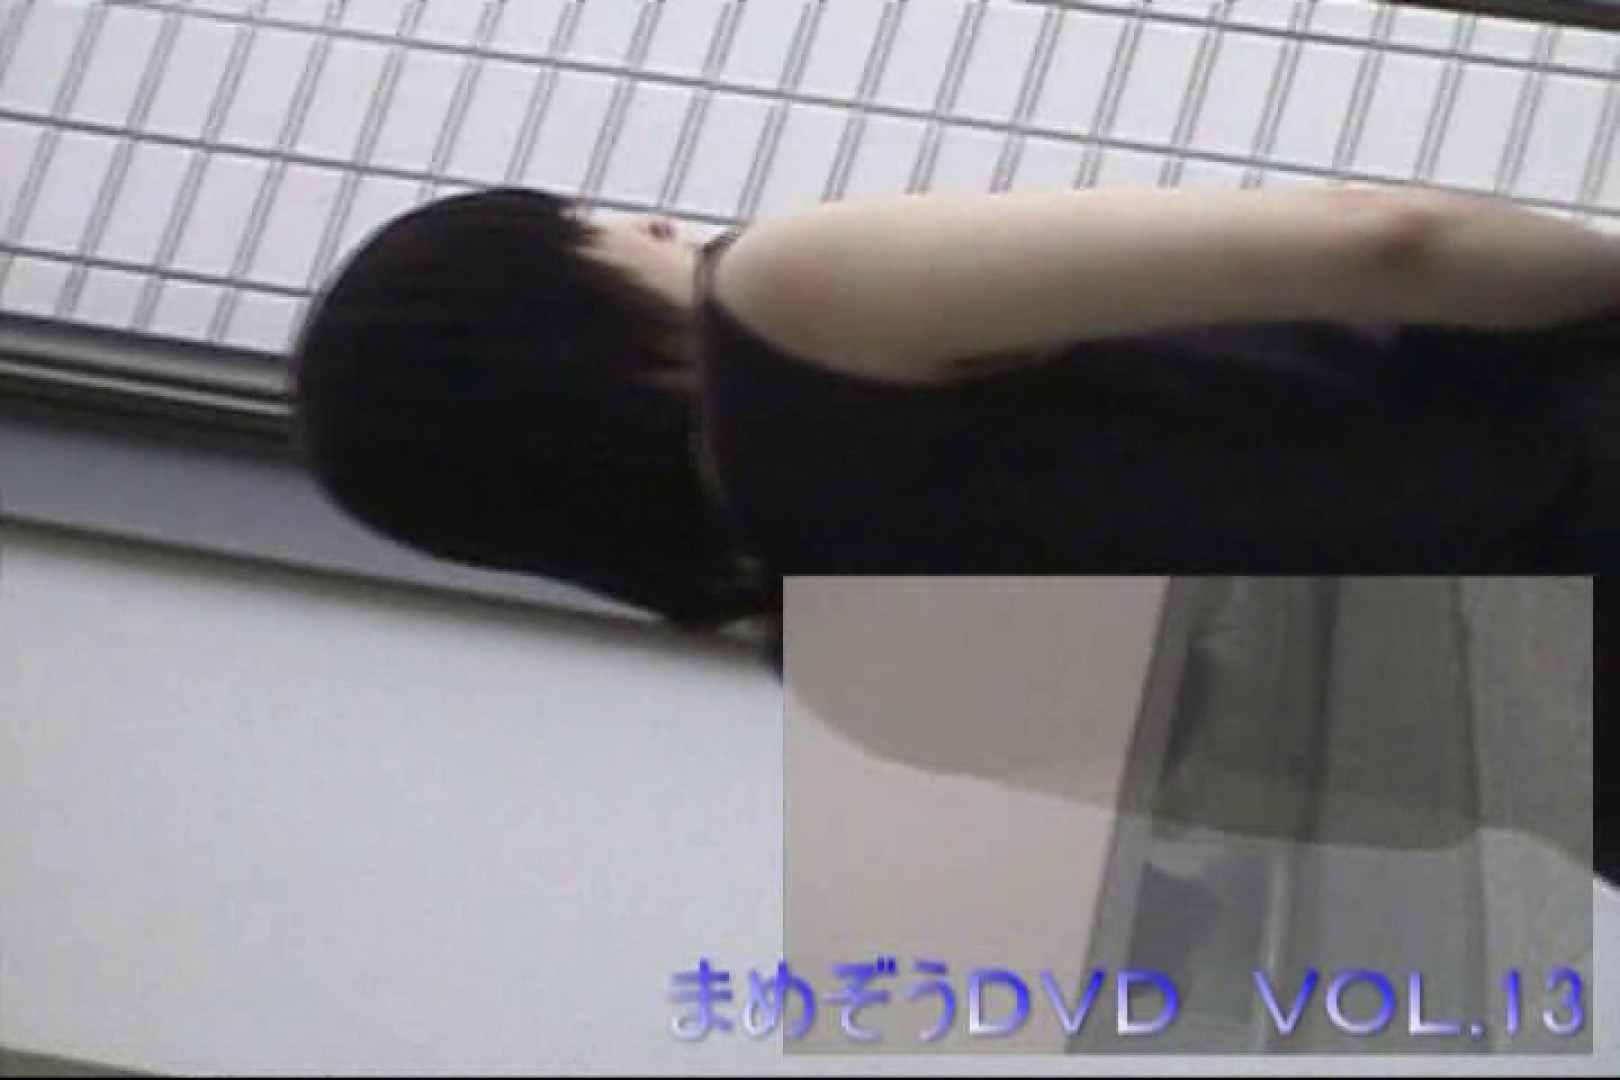 まめぞうDVD完全版VOL.13 ギャルの実態  32pic 8